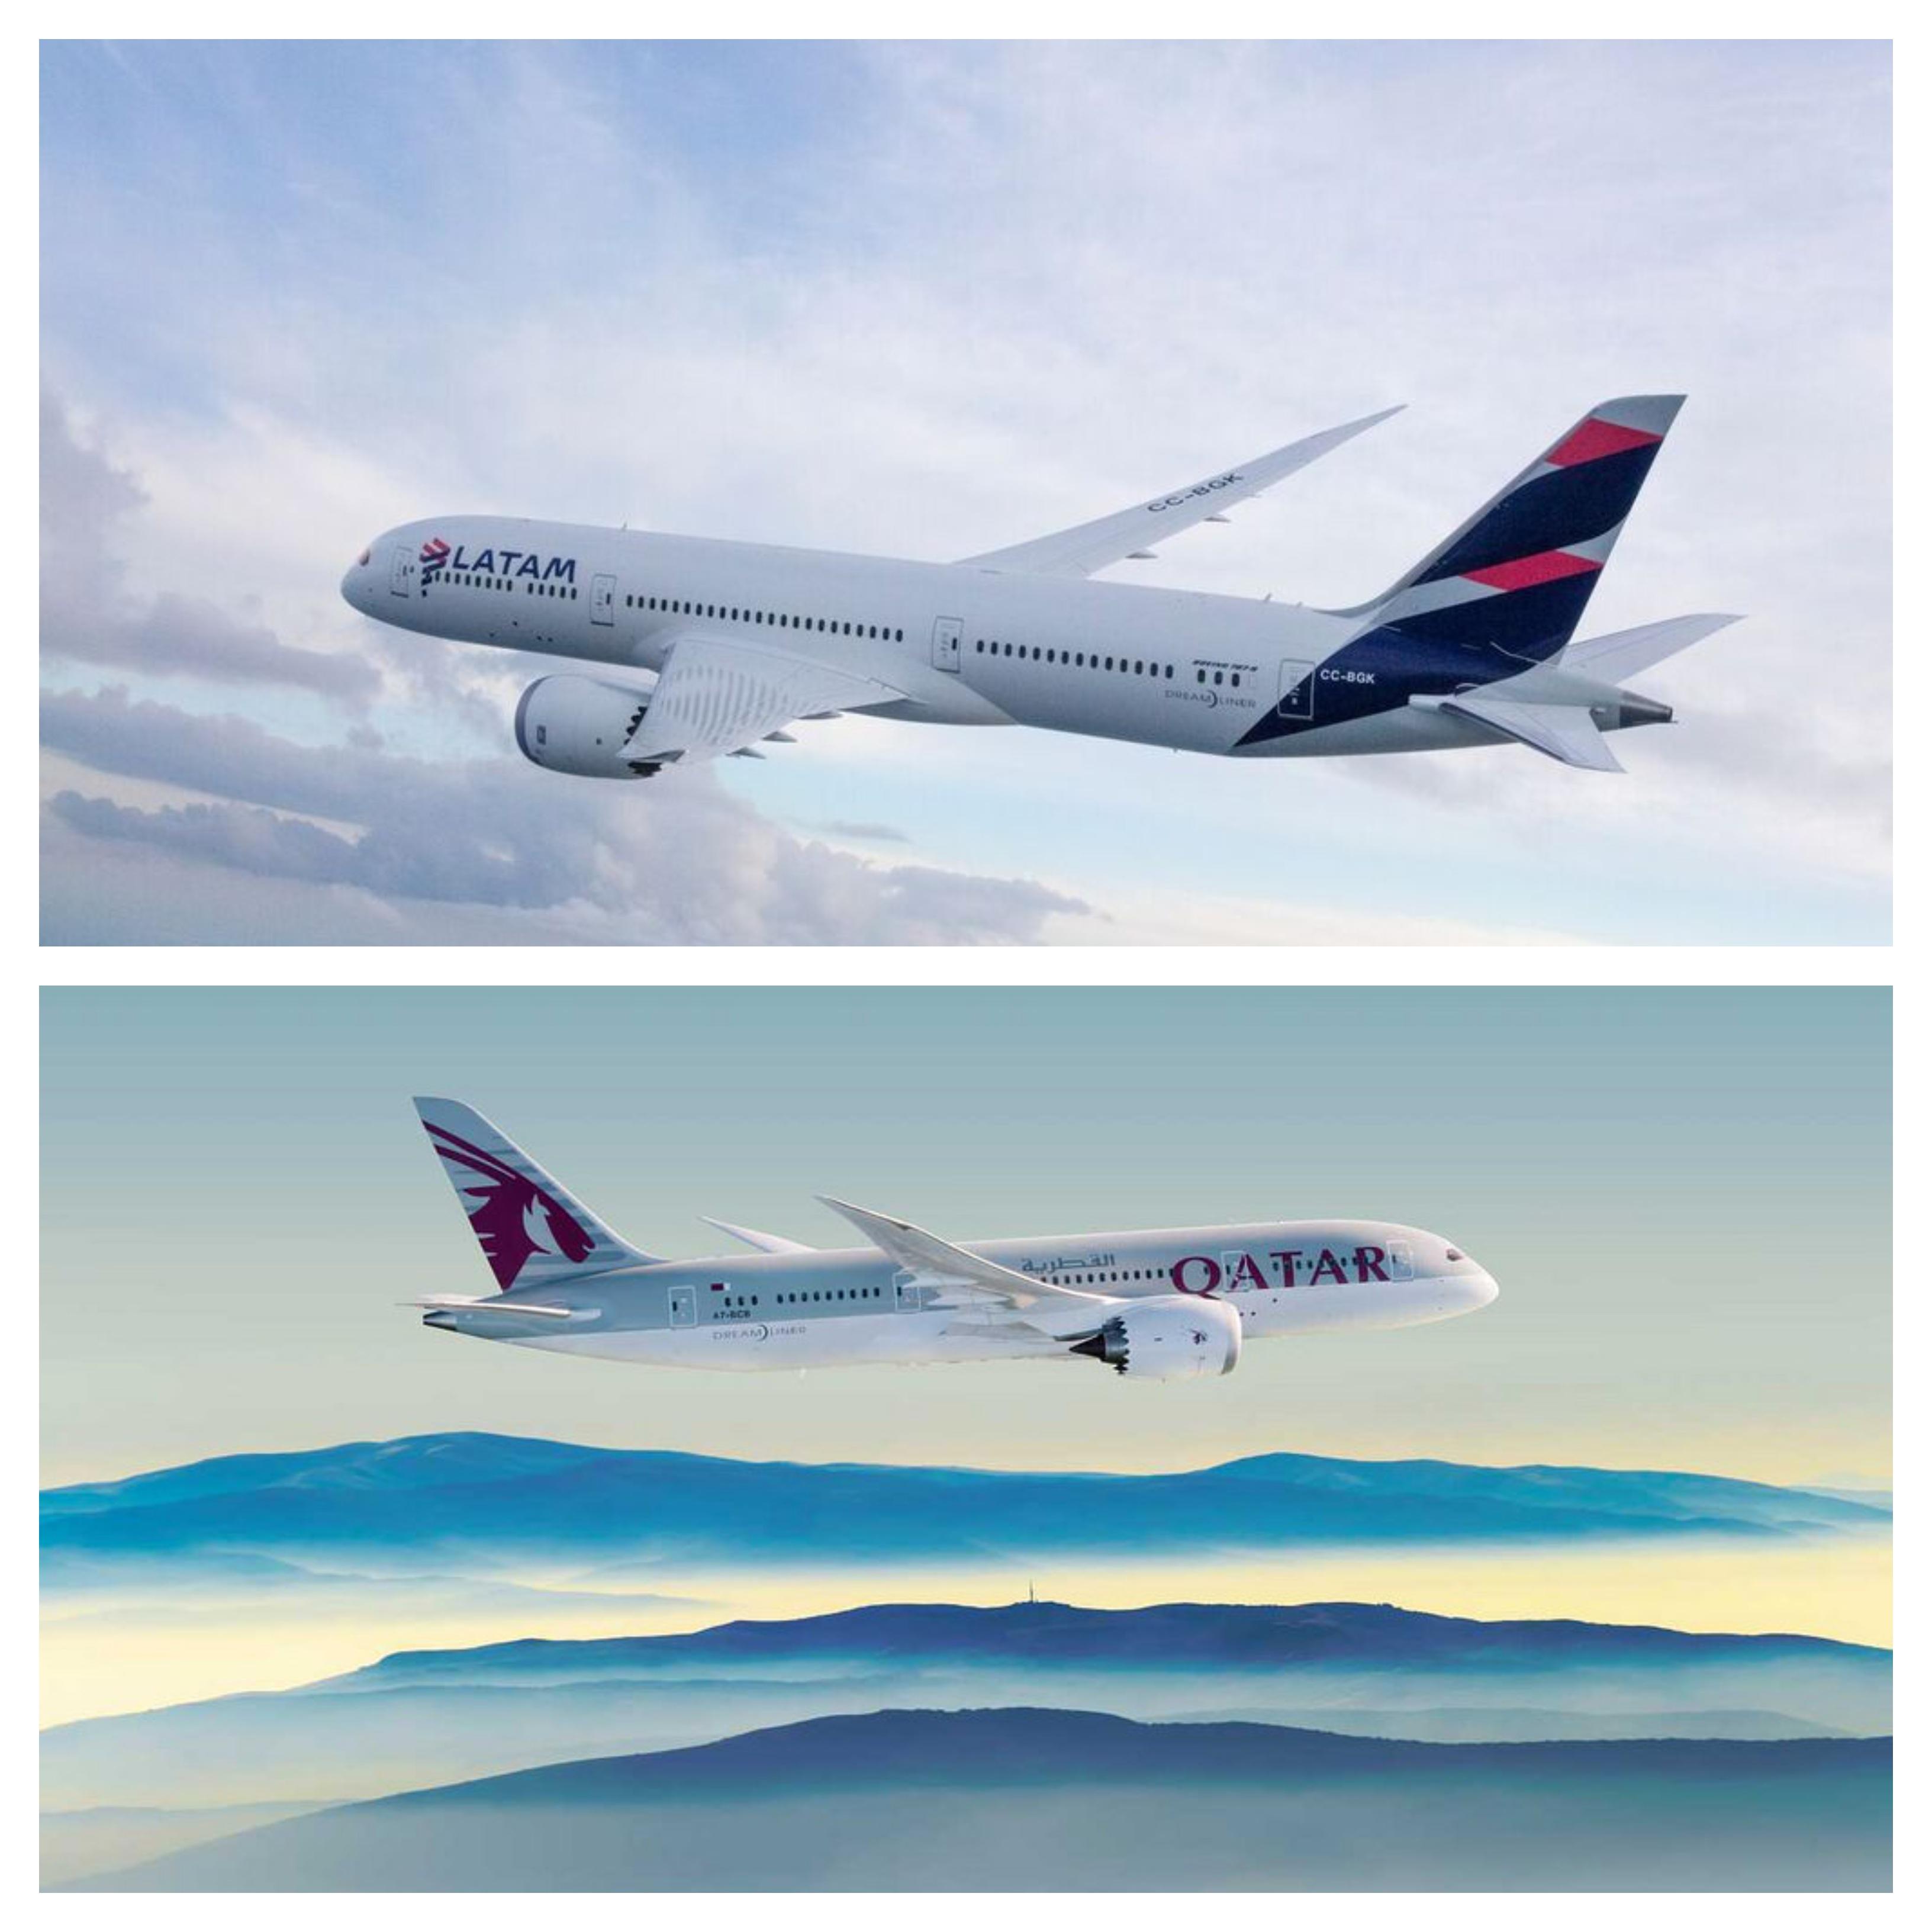 Aerolíneas, vuelos y negocio: Qatar Airways quiere subir participación en Latam